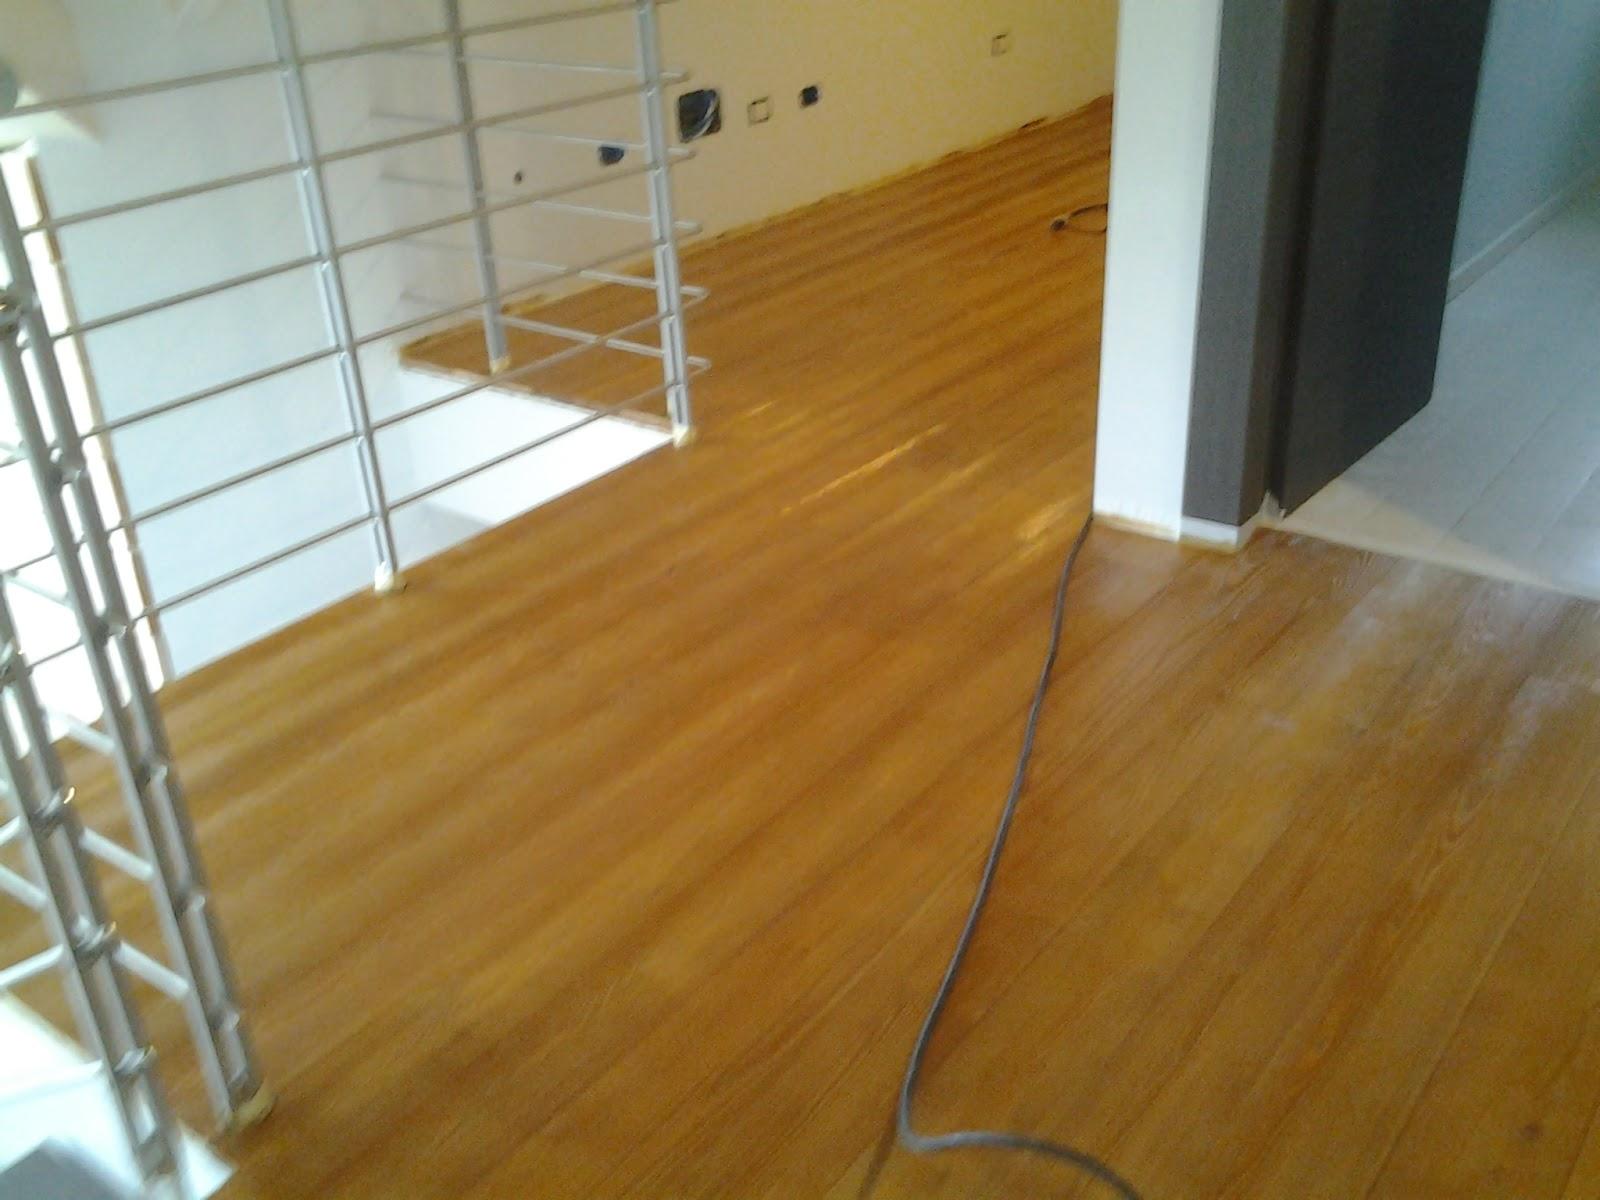 Pavimento in legno di larice fai da te - Pavimento in legno per esterno fai da te ...